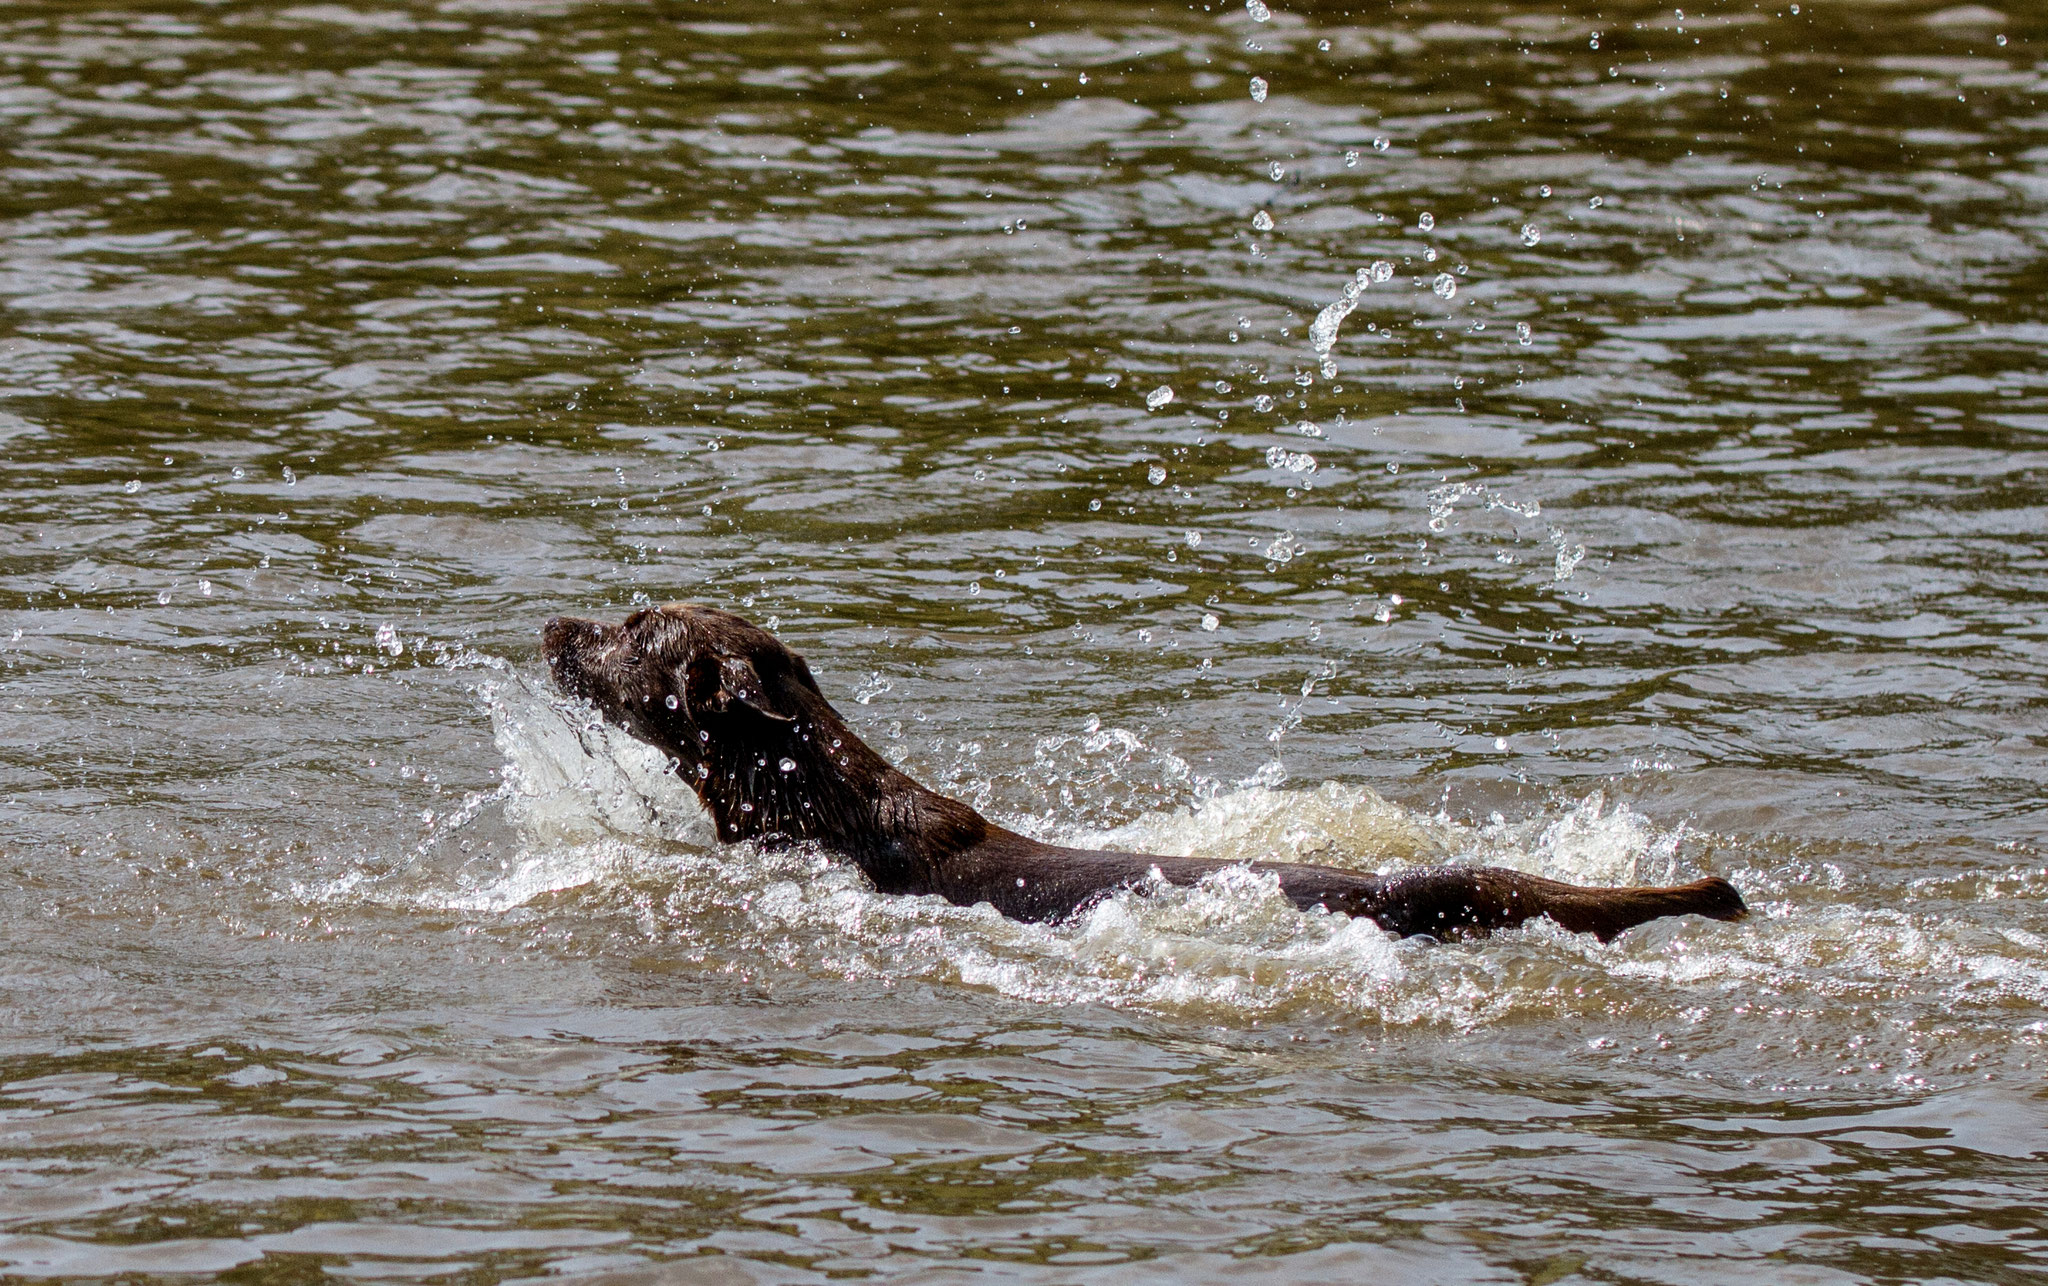 Batu ist ein großer schwimmer